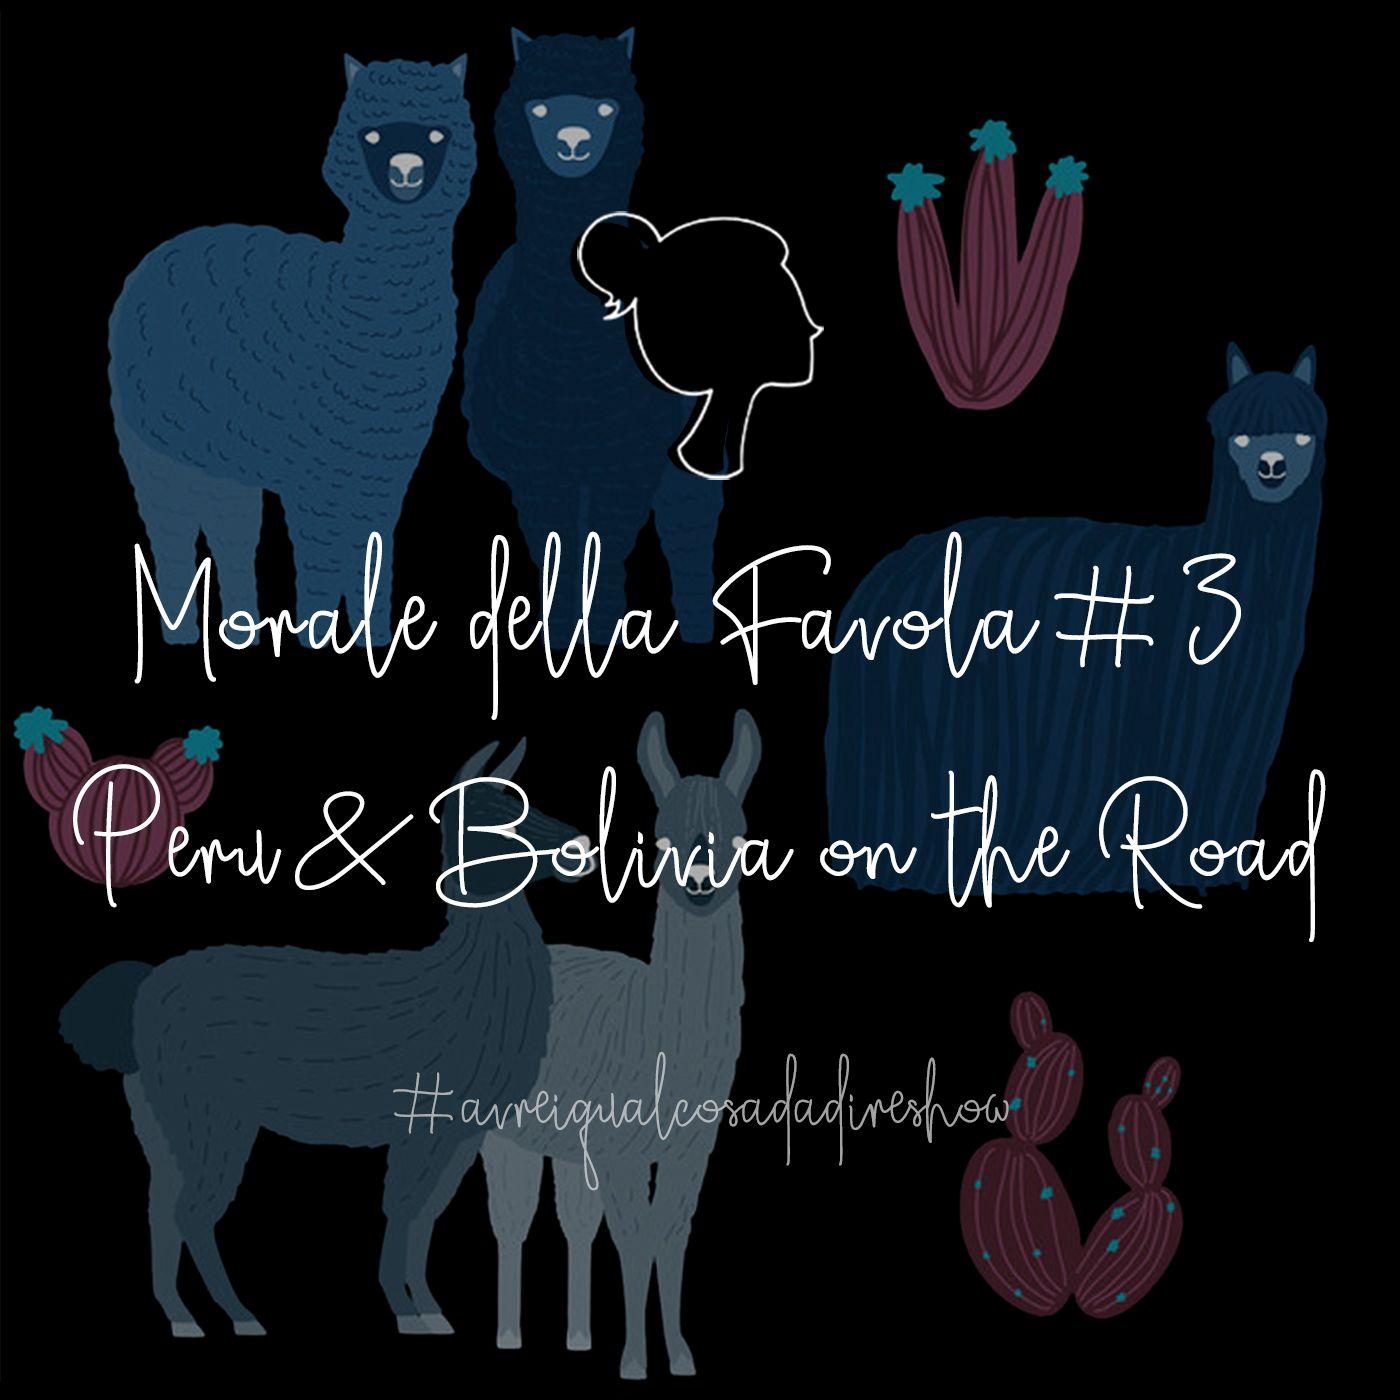 Morale della Favola 3. Perù e Bolivia on the road - Avrei qualcosa da dire Show